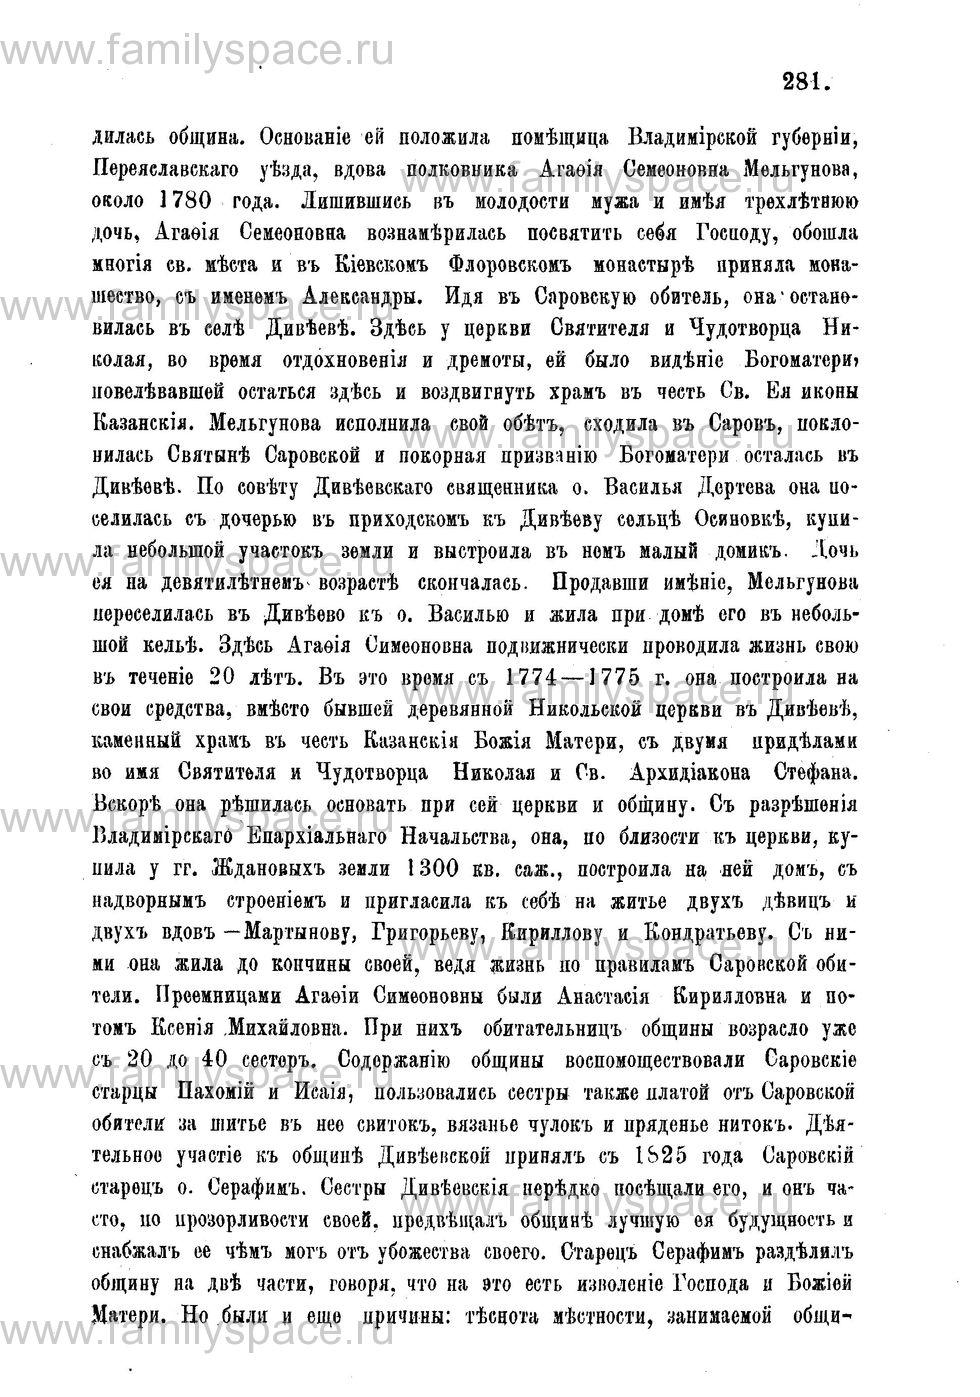 Поиск по фамилии - Адрес-календарь Нижегородской епархии на 1888 год, страница 1281